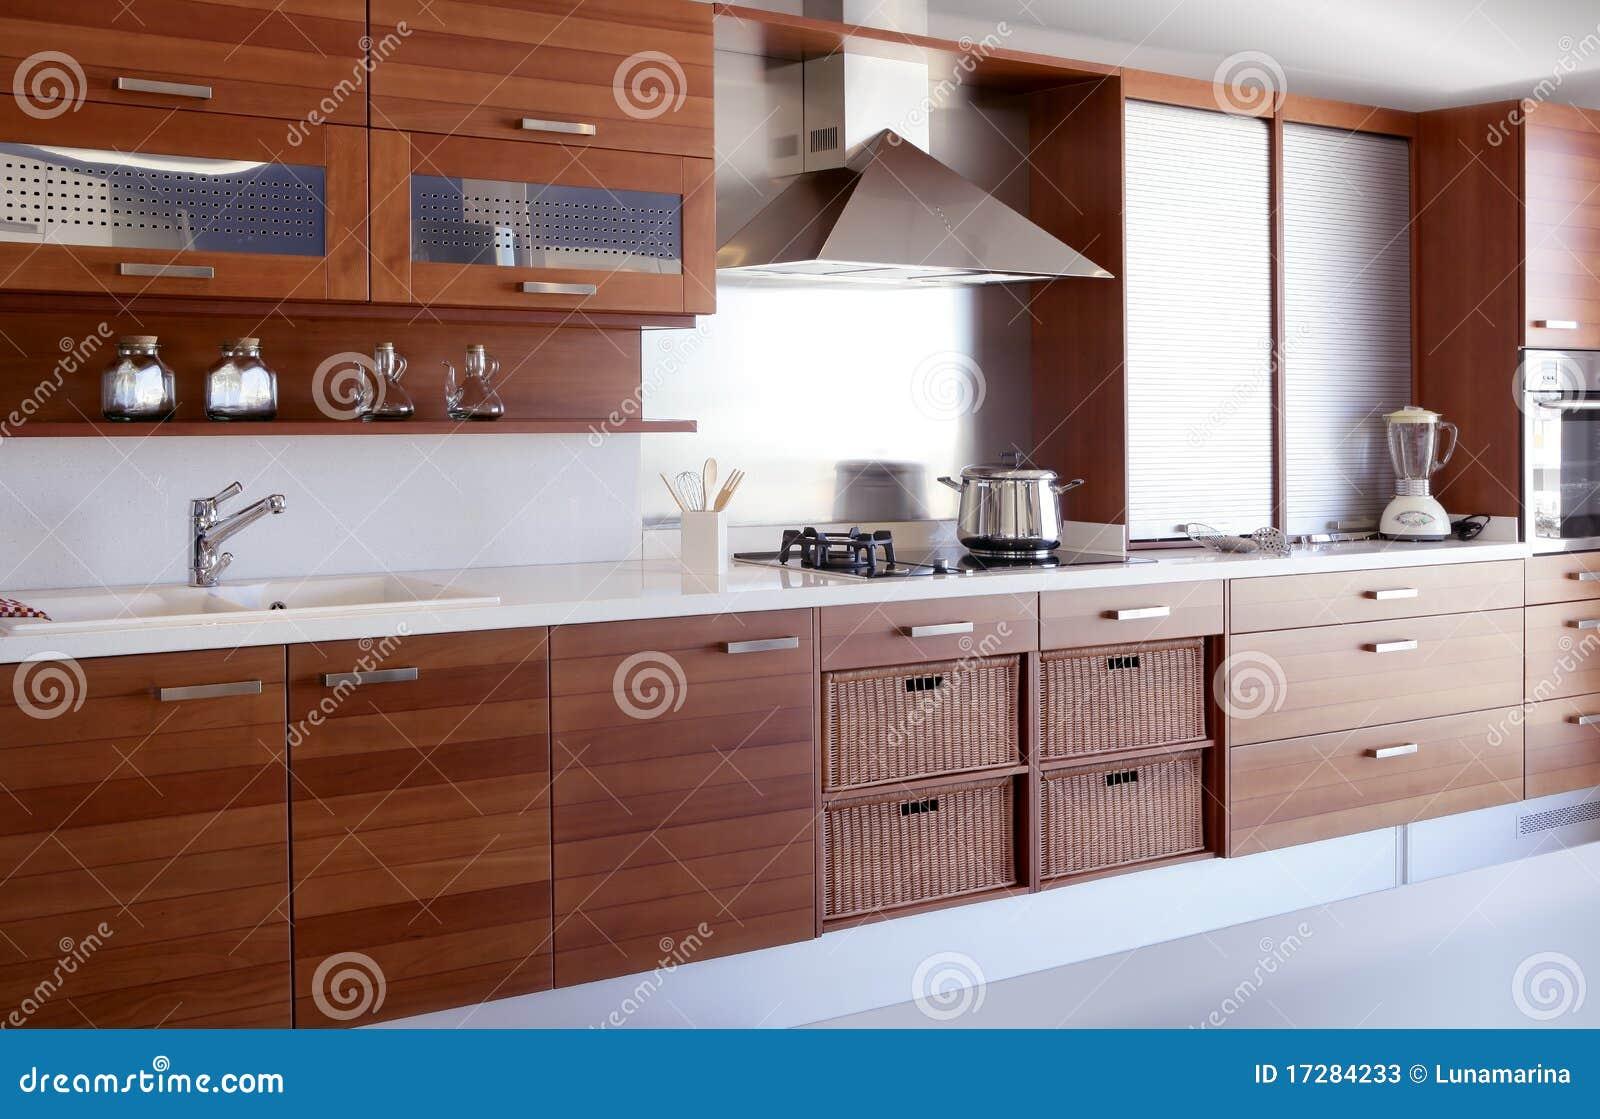 Banco Branco Da Cozinha Da Cozinha De Madeira Vermelha Imagem De Stock    Imagem De Casa, Cozinhar: 17284233